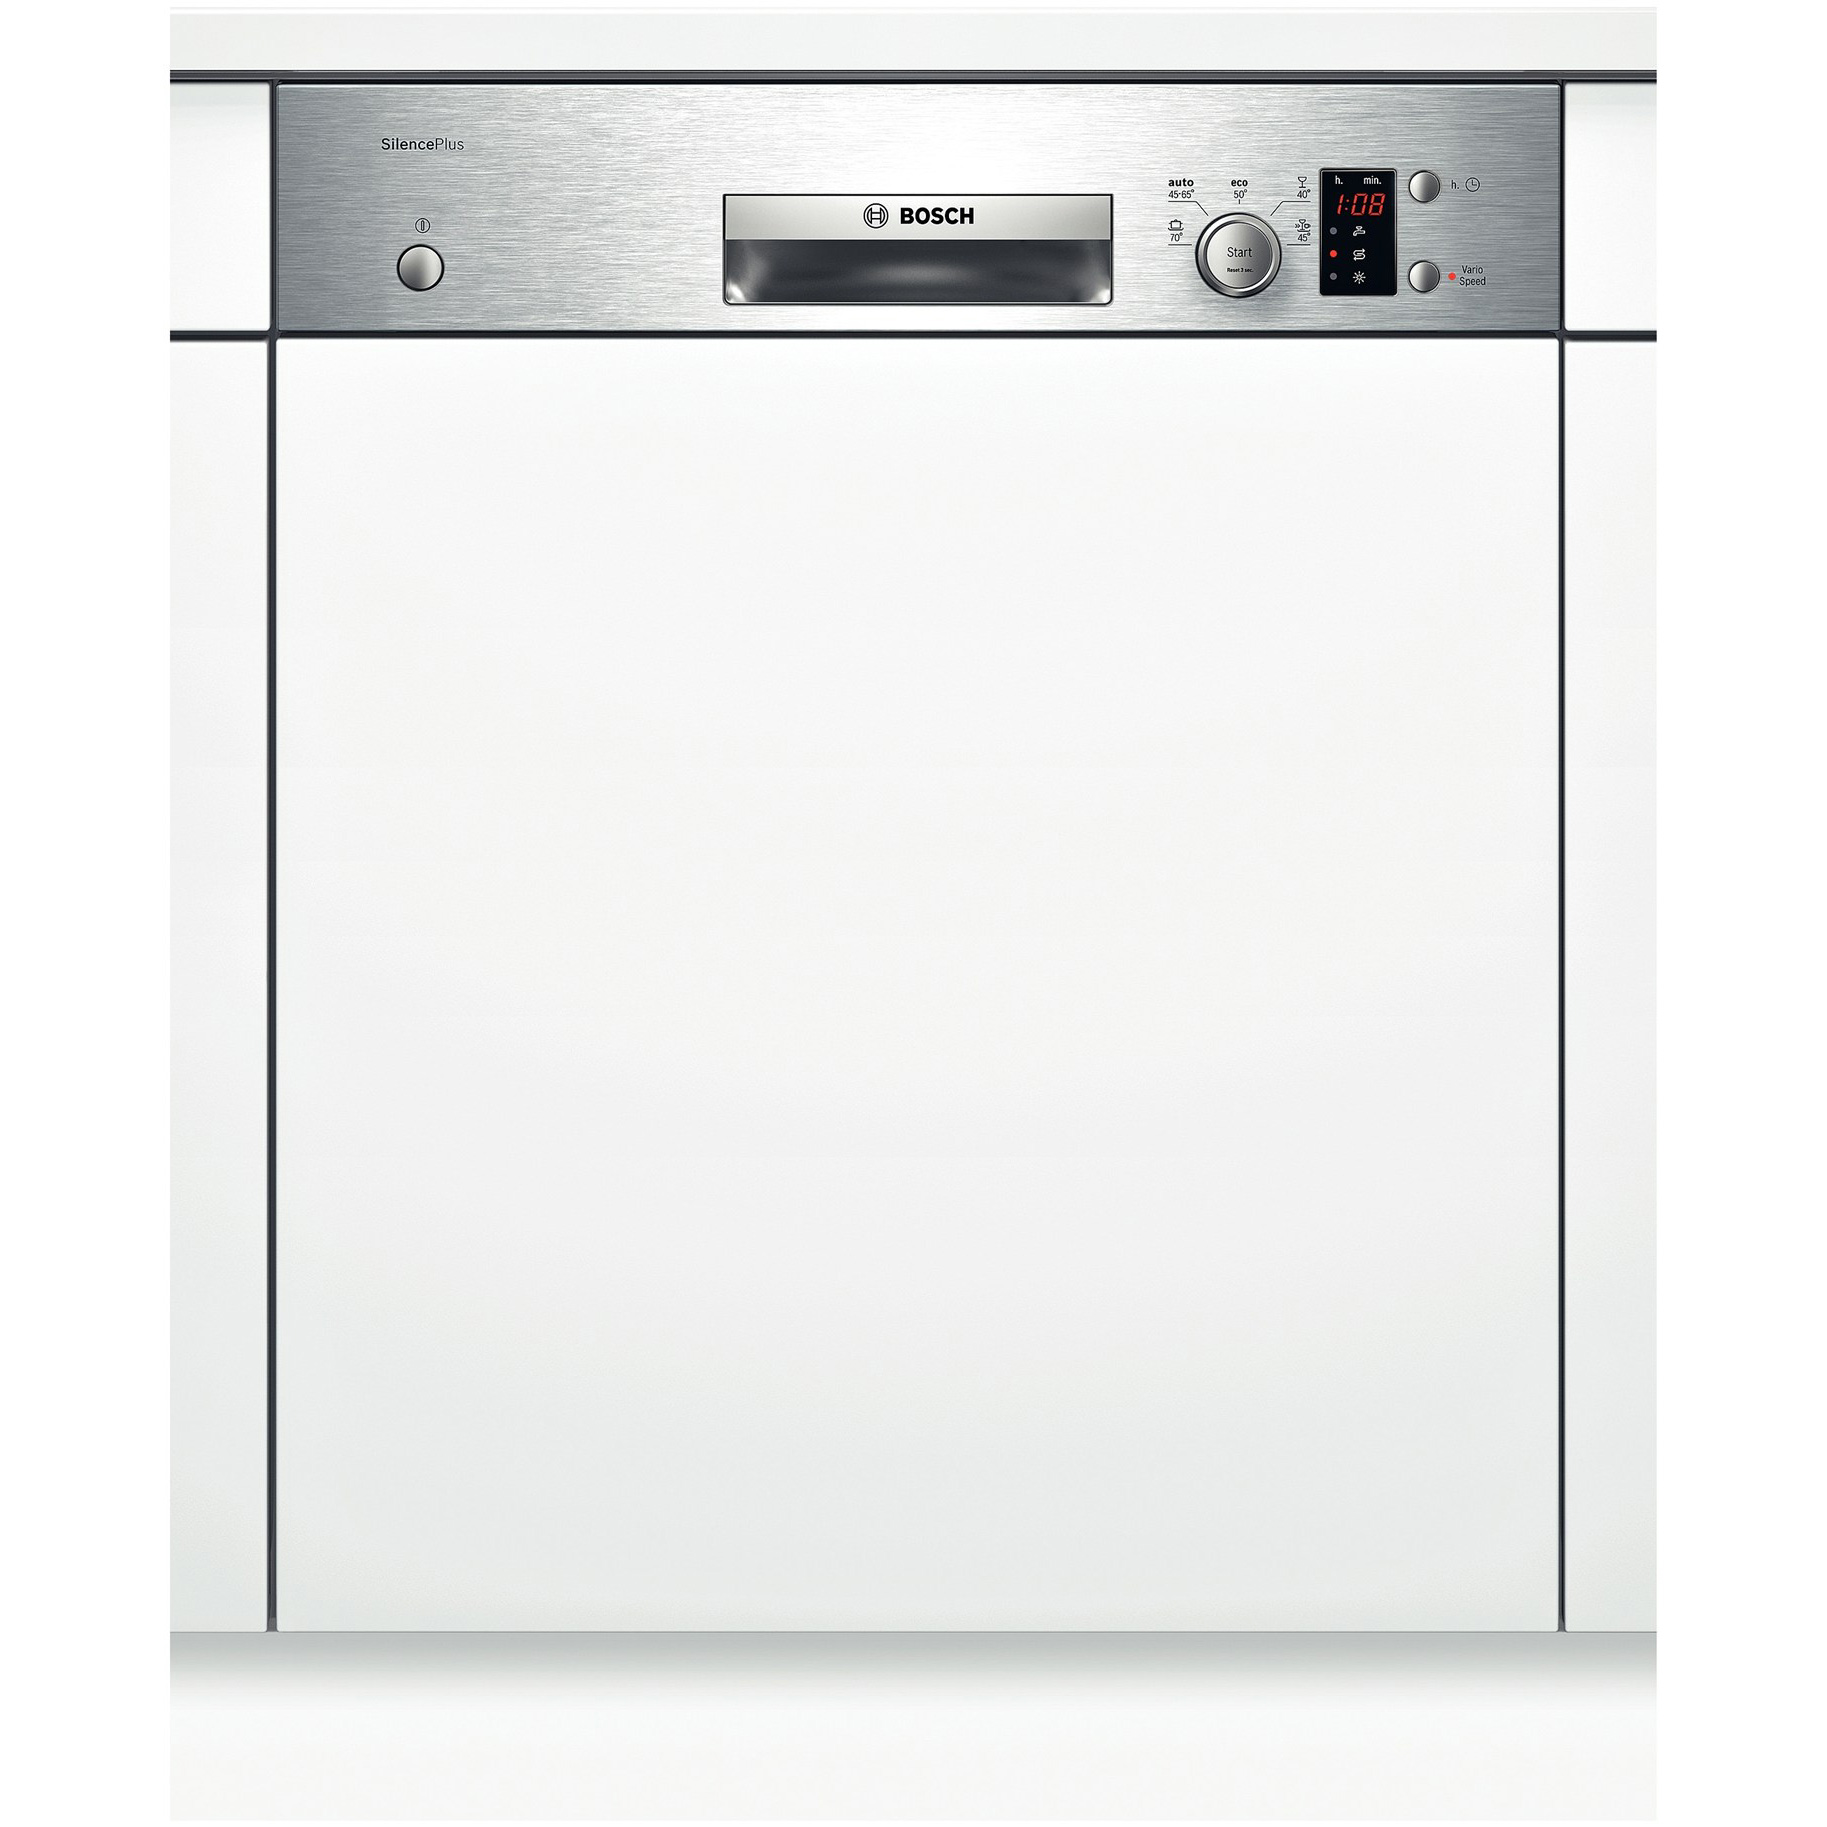 Отдельностоящие посудомоечные машины bosch 45 см: лучшие модели + отзывы о производителе